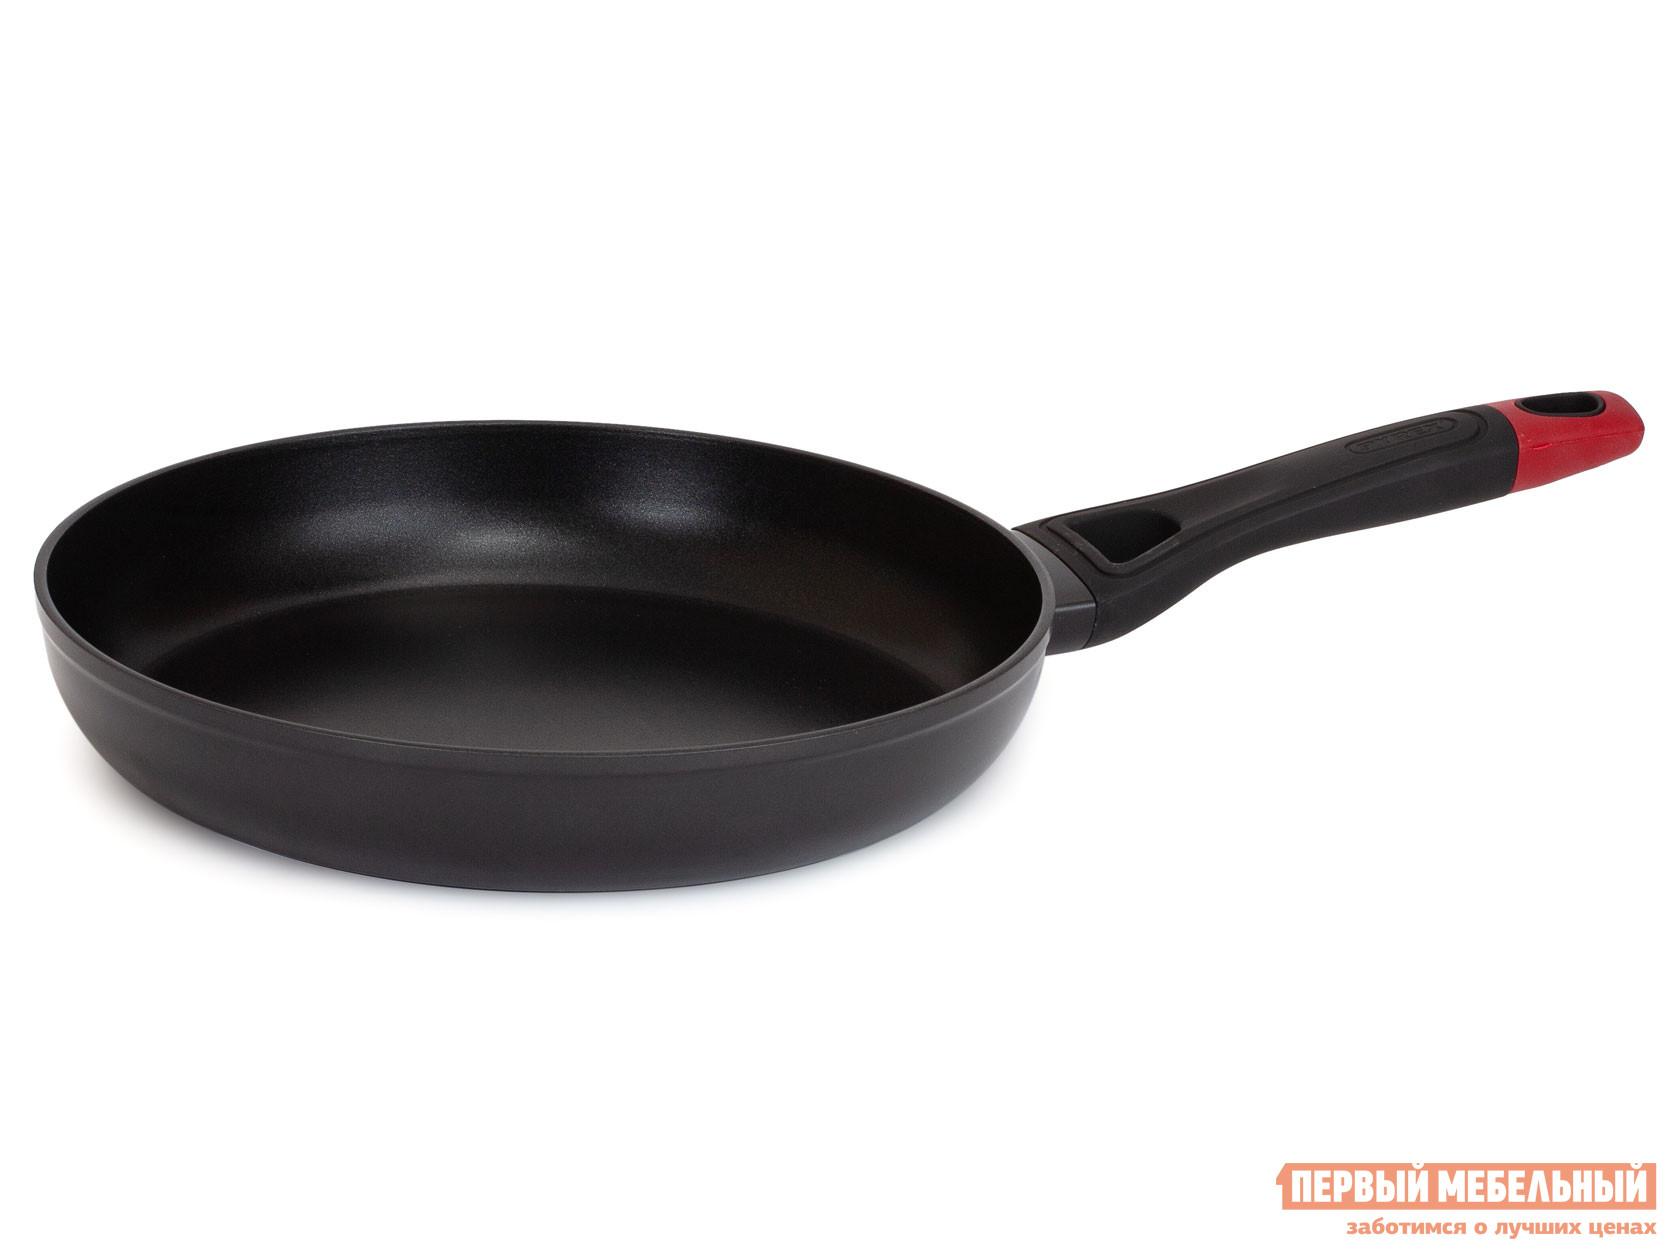 Сковорода Первый Мебельный Сковорода Smart Cooking 28см индукция